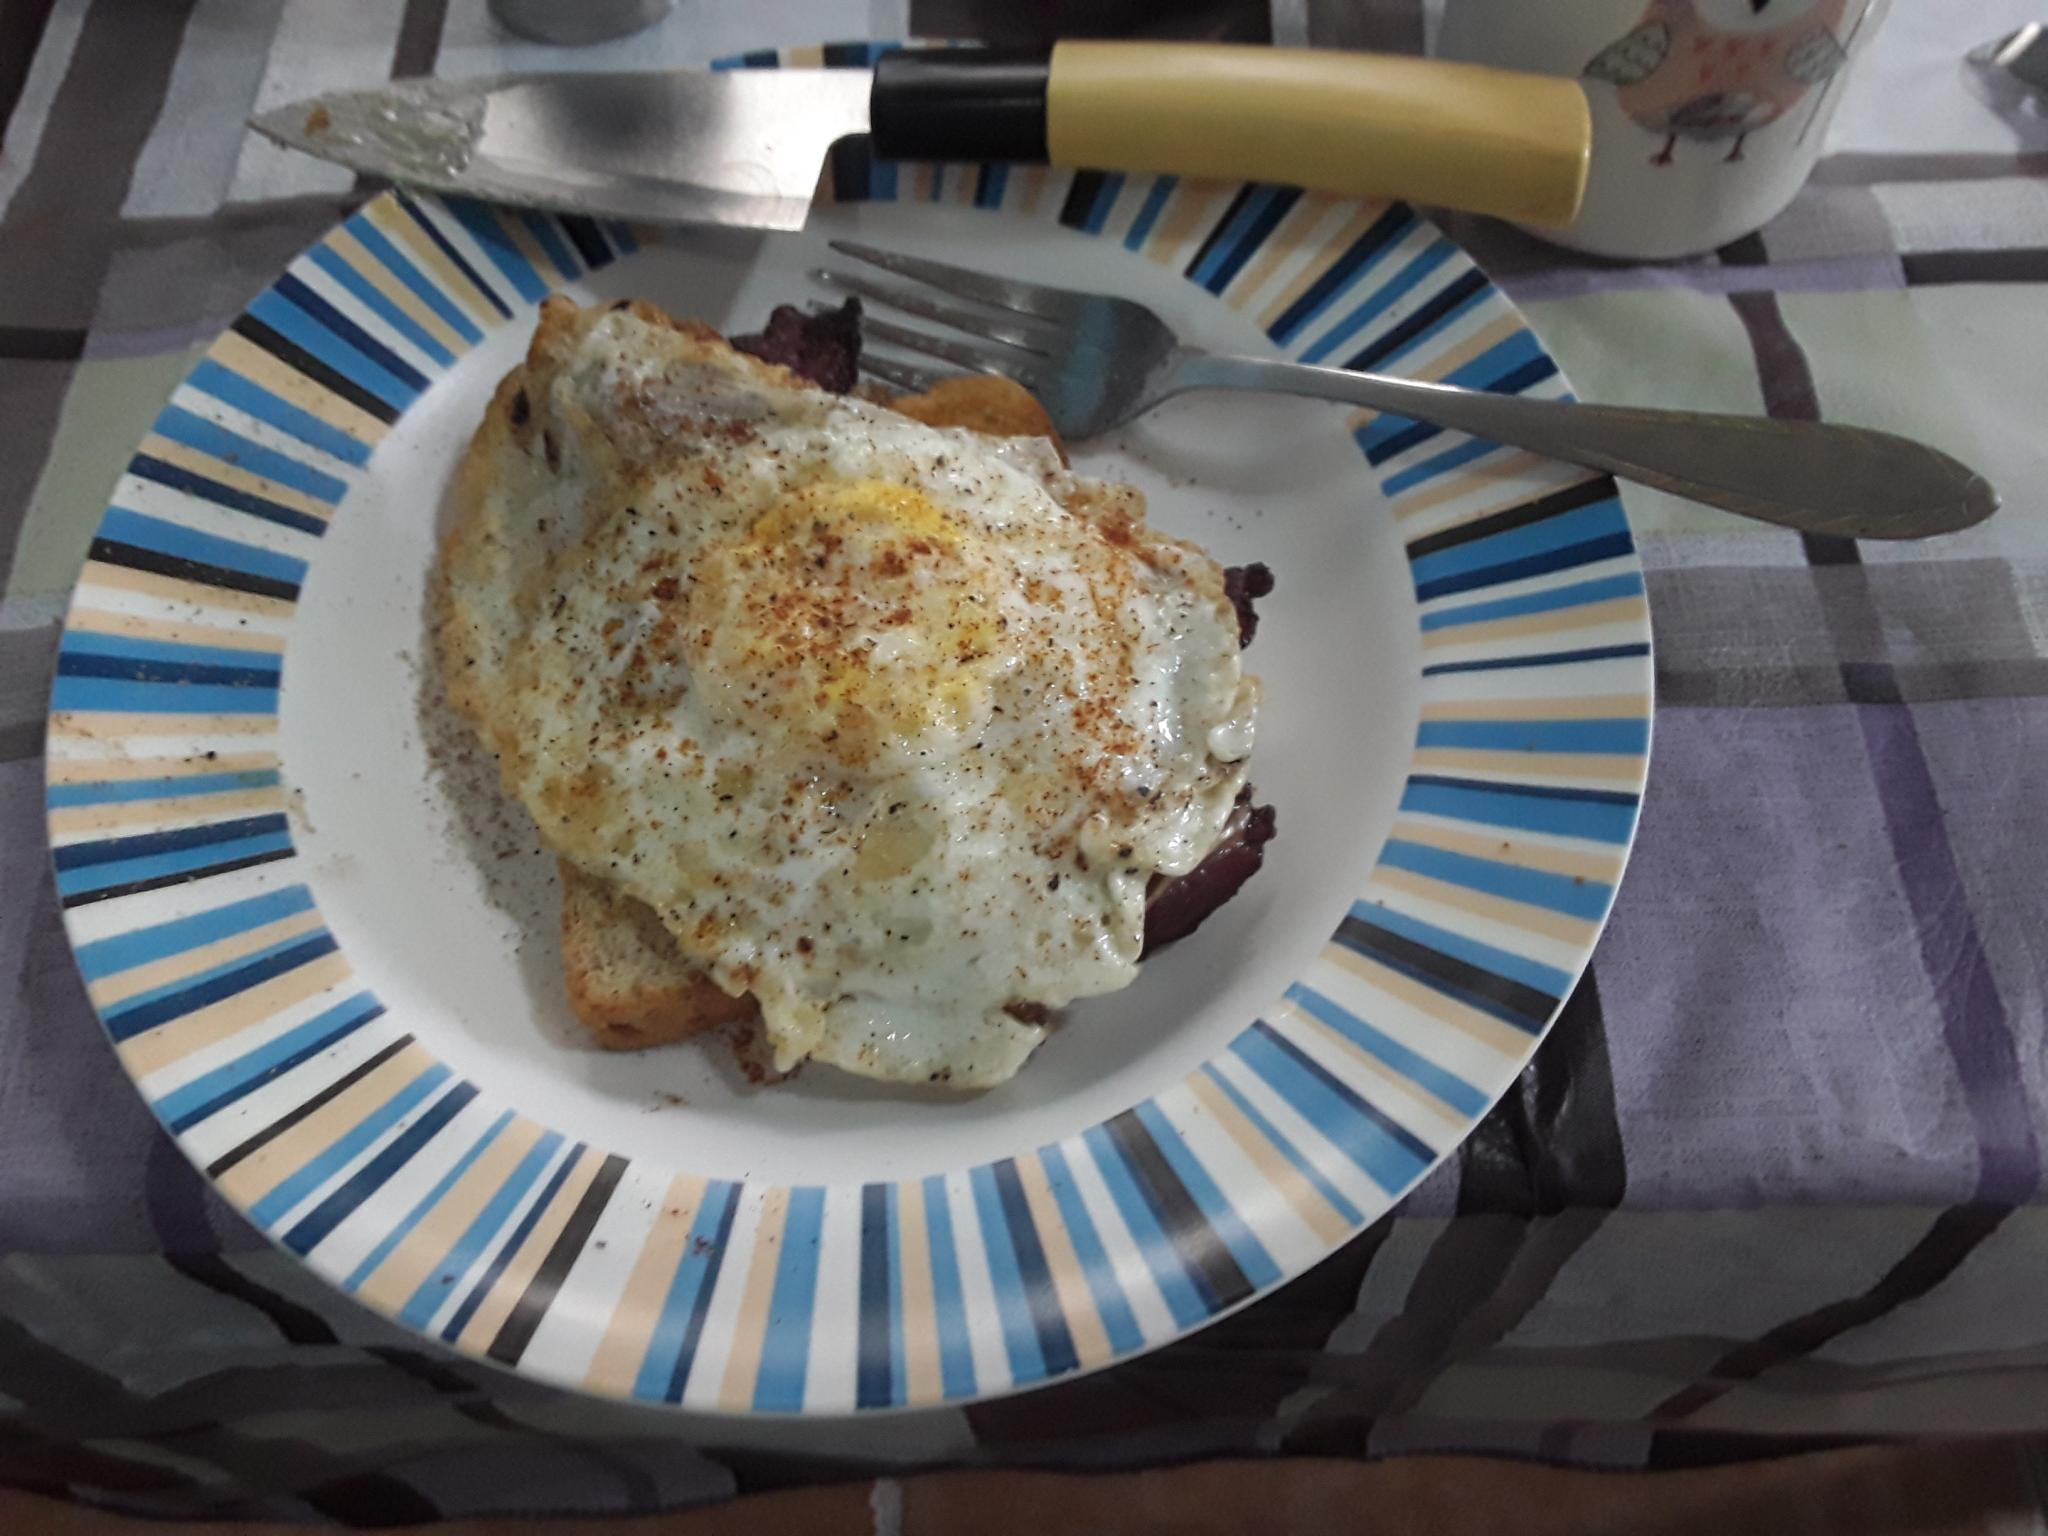 Breakfast-20200708_102226-jpg